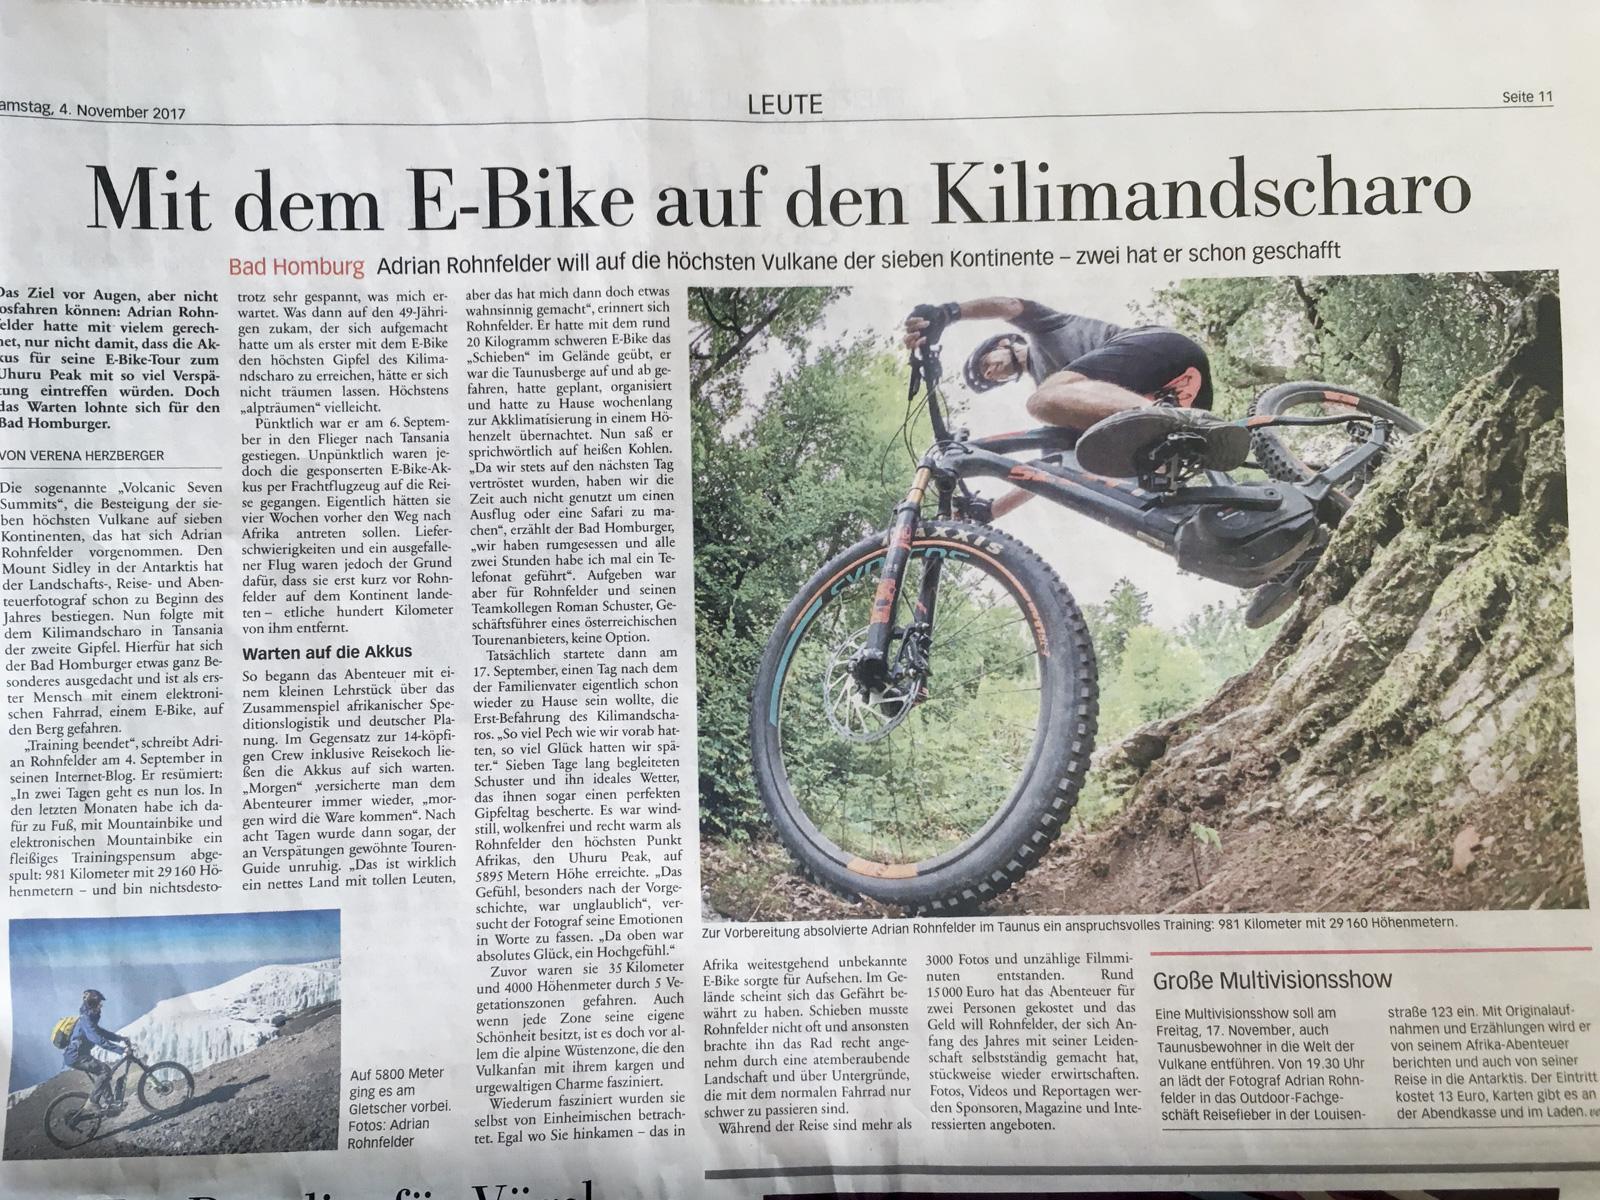 Kilimandscharo in der Taunuszeitung